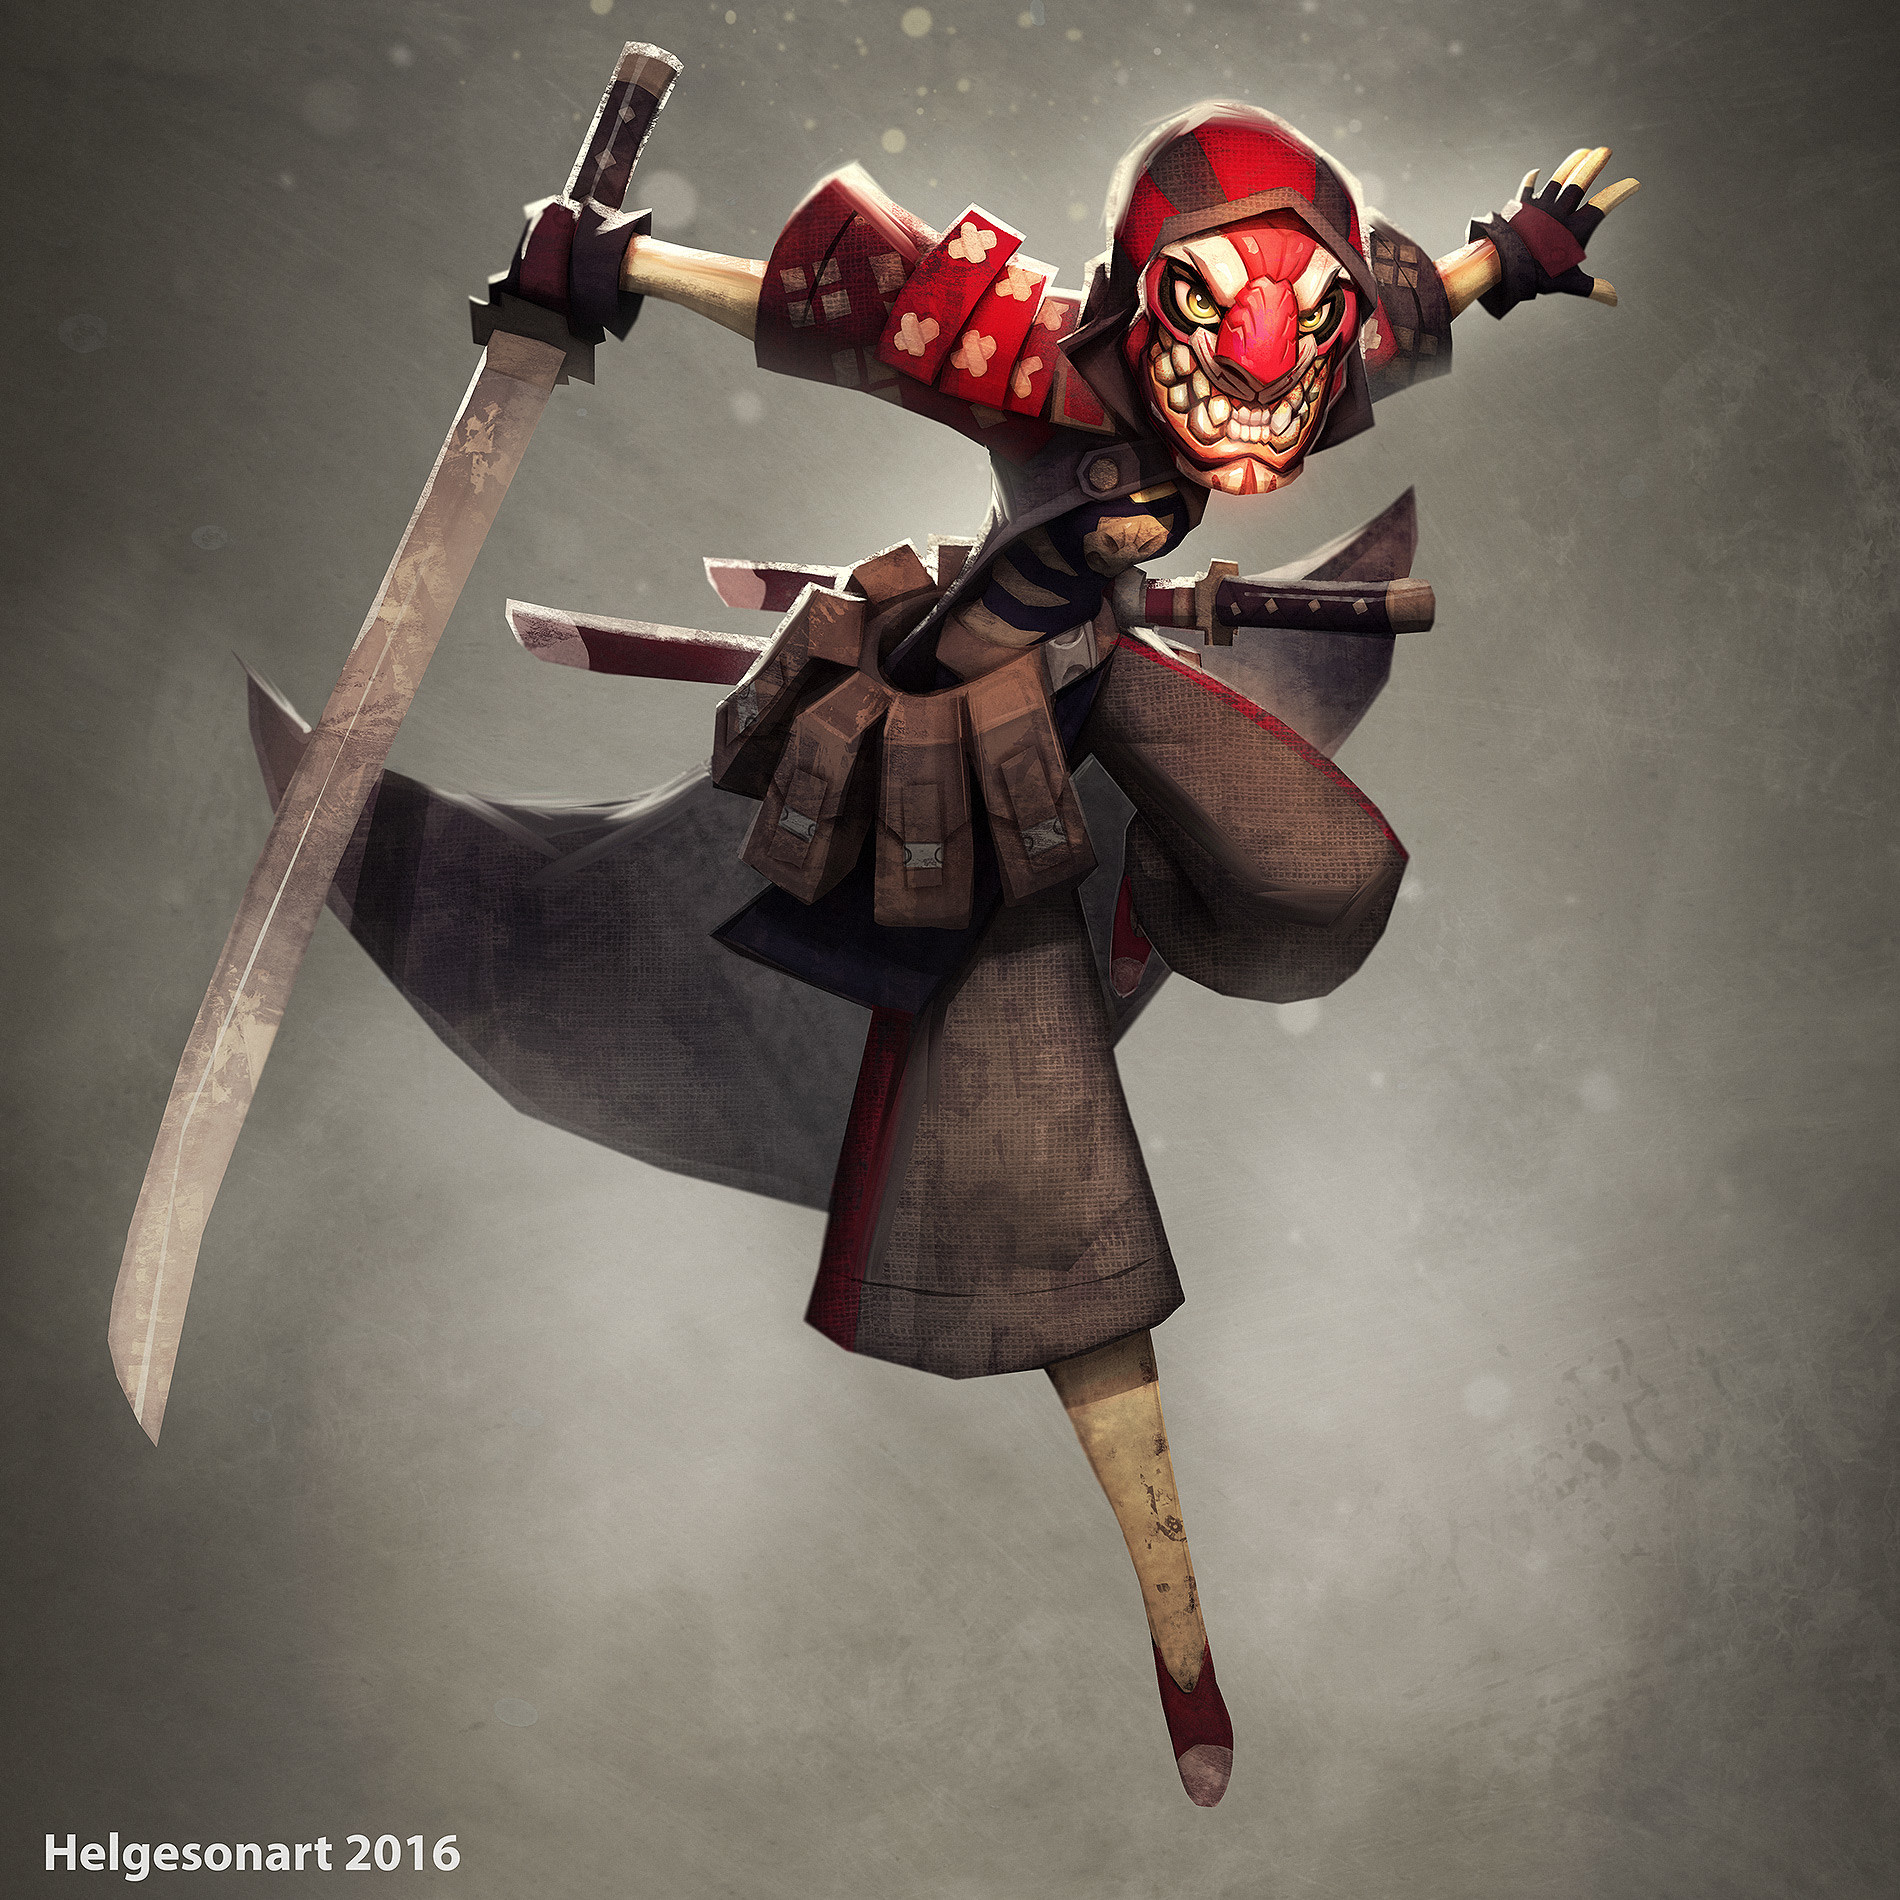 Character Design Art Station : Artstation samurai character design johannes helgeson